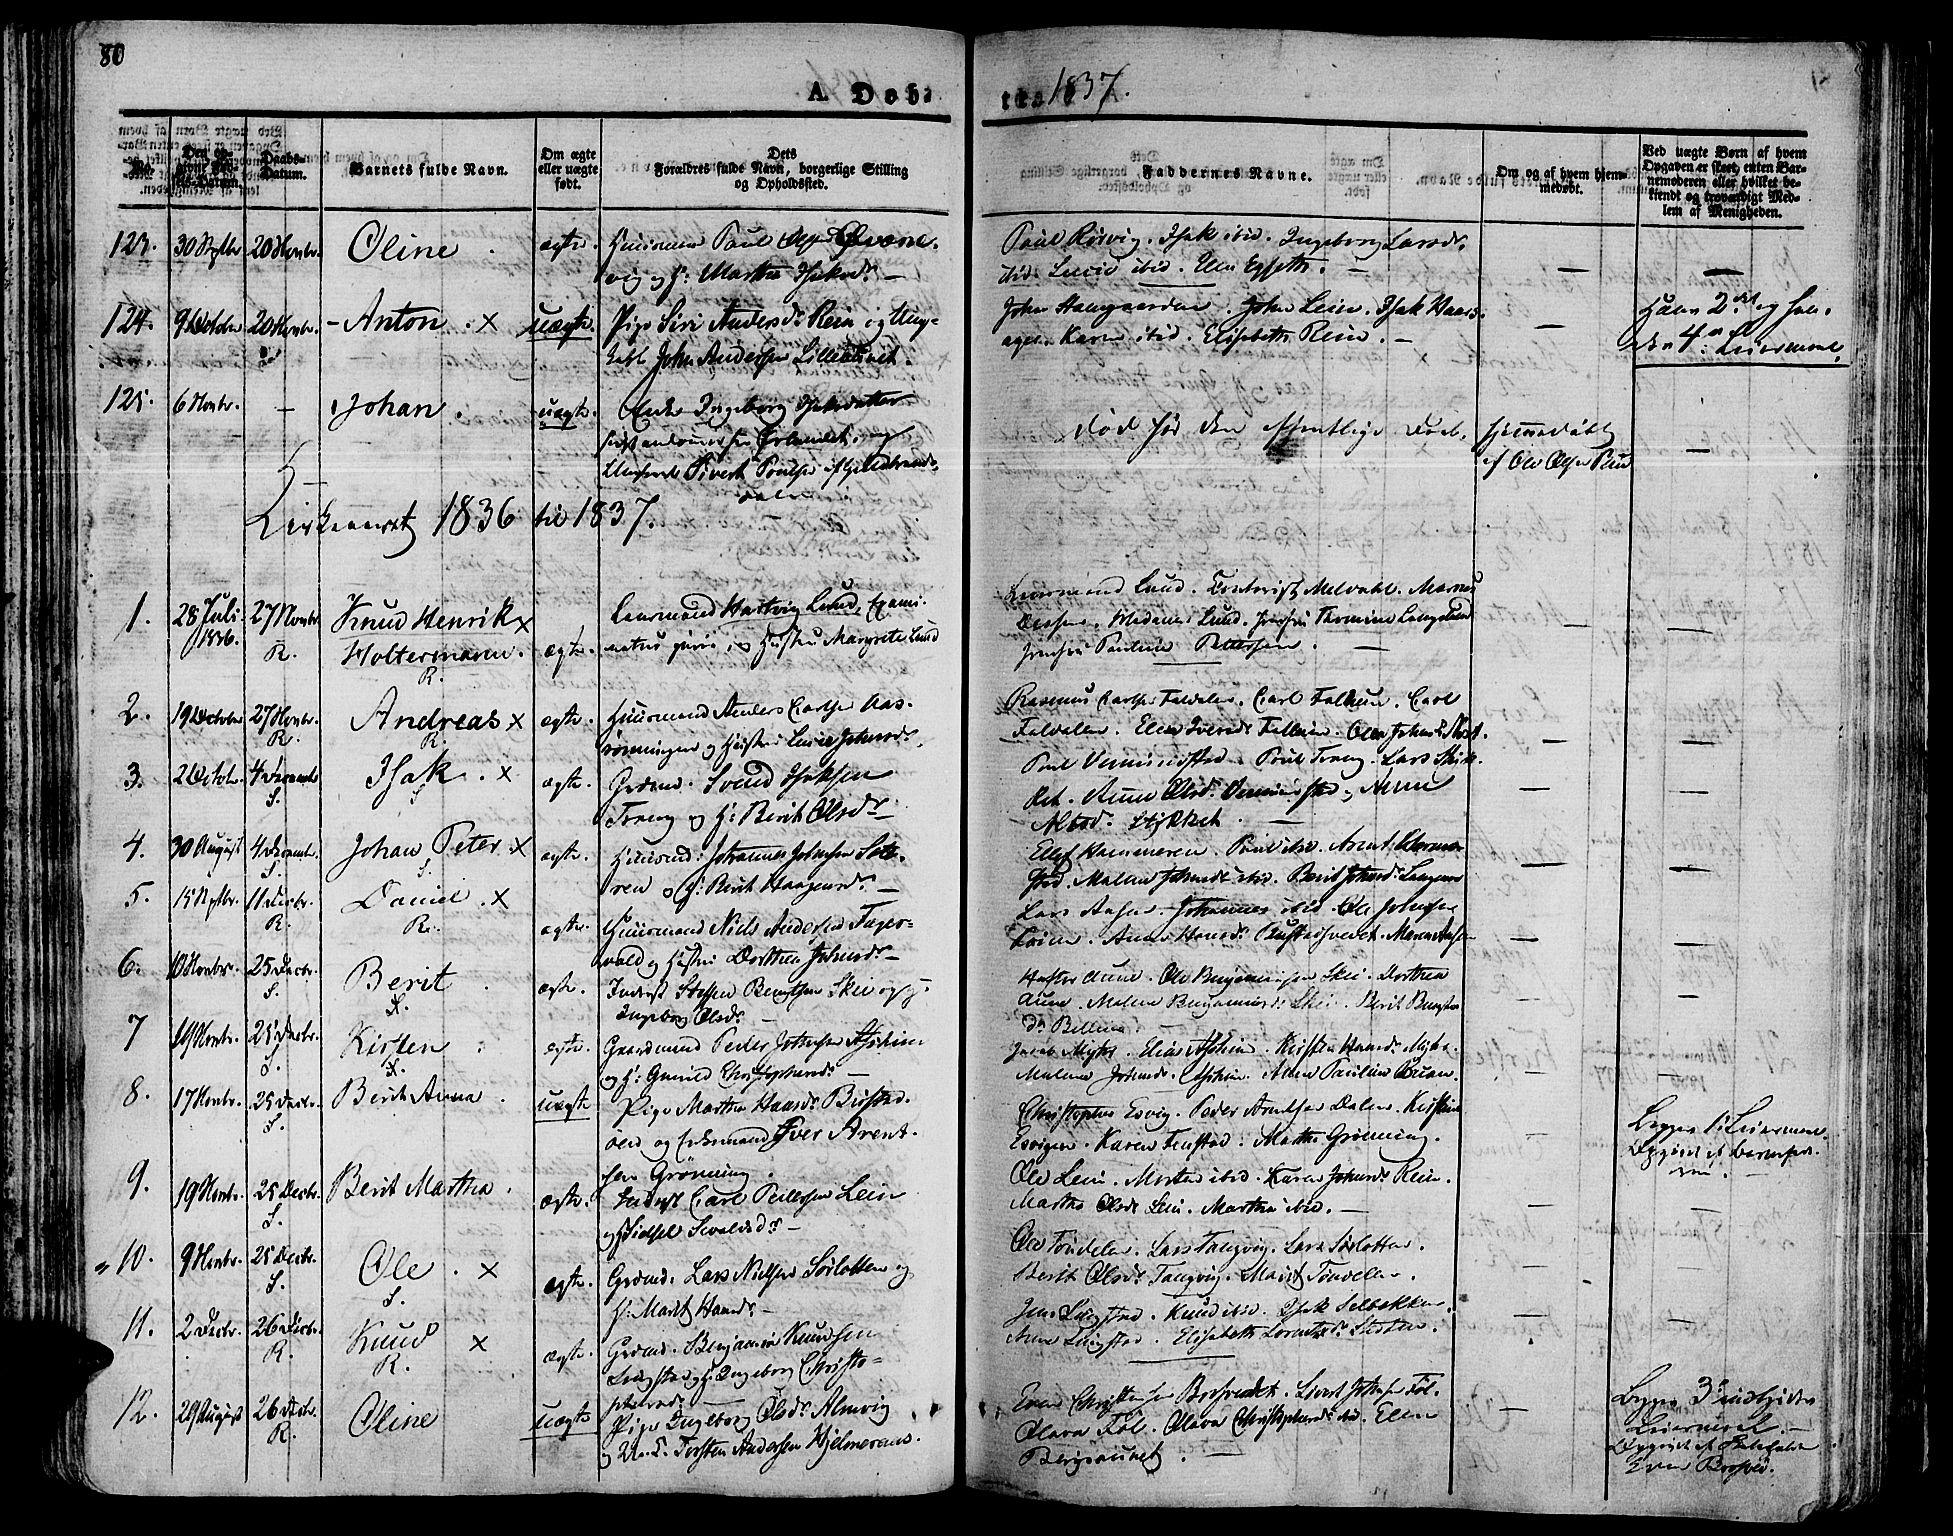 SAT, Ministerialprotokoller, klokkerbøker og fødselsregistre - Sør-Trøndelag, 646/L0609: Ministerialbok nr. 646A07, 1826-1838, s. 80